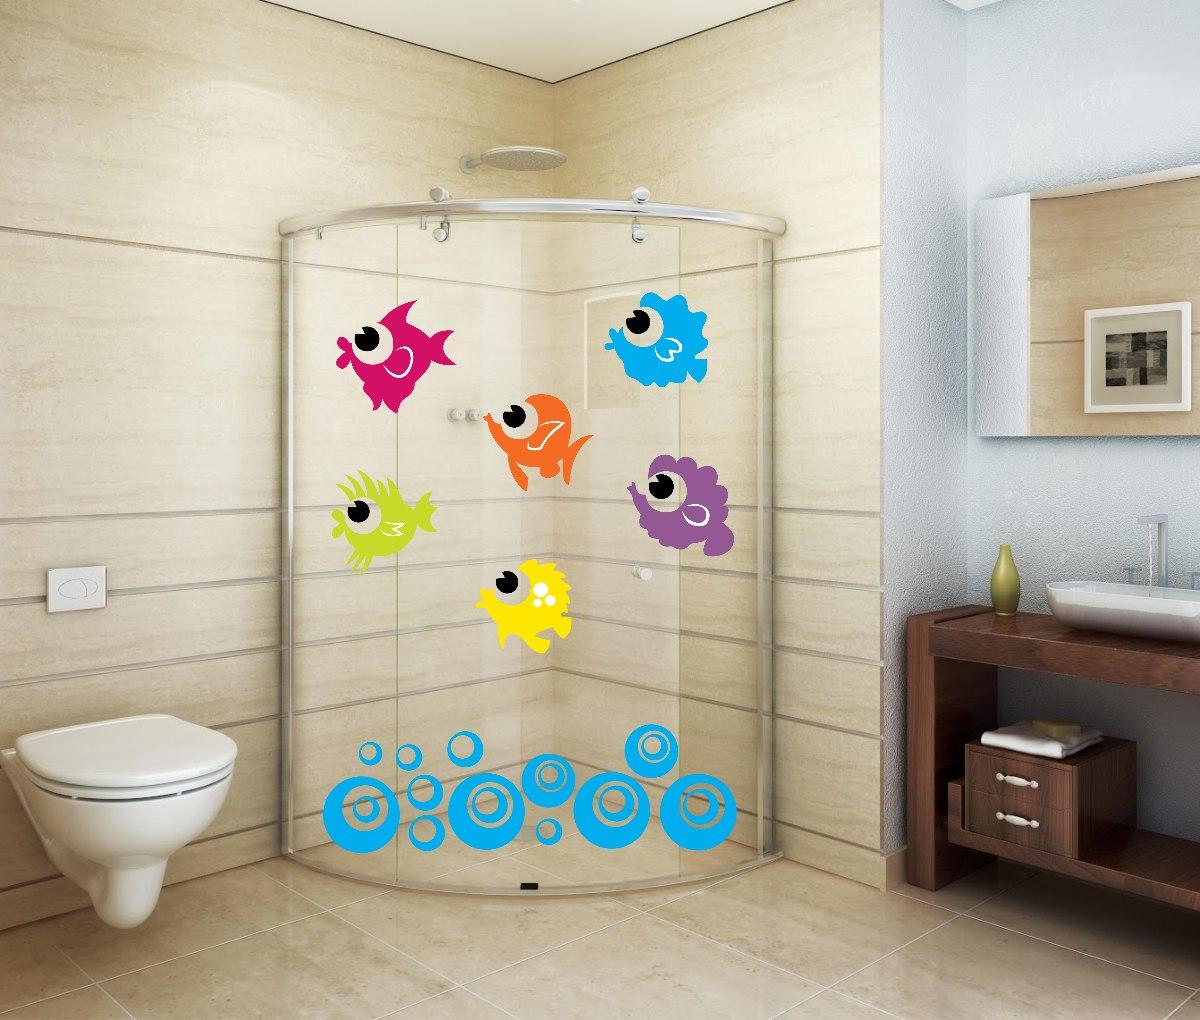 Adesivo Decorativo Parede Banheiro Porta Box Bolha Peixe R$ 24 99 no  #0991C2 1200 1020